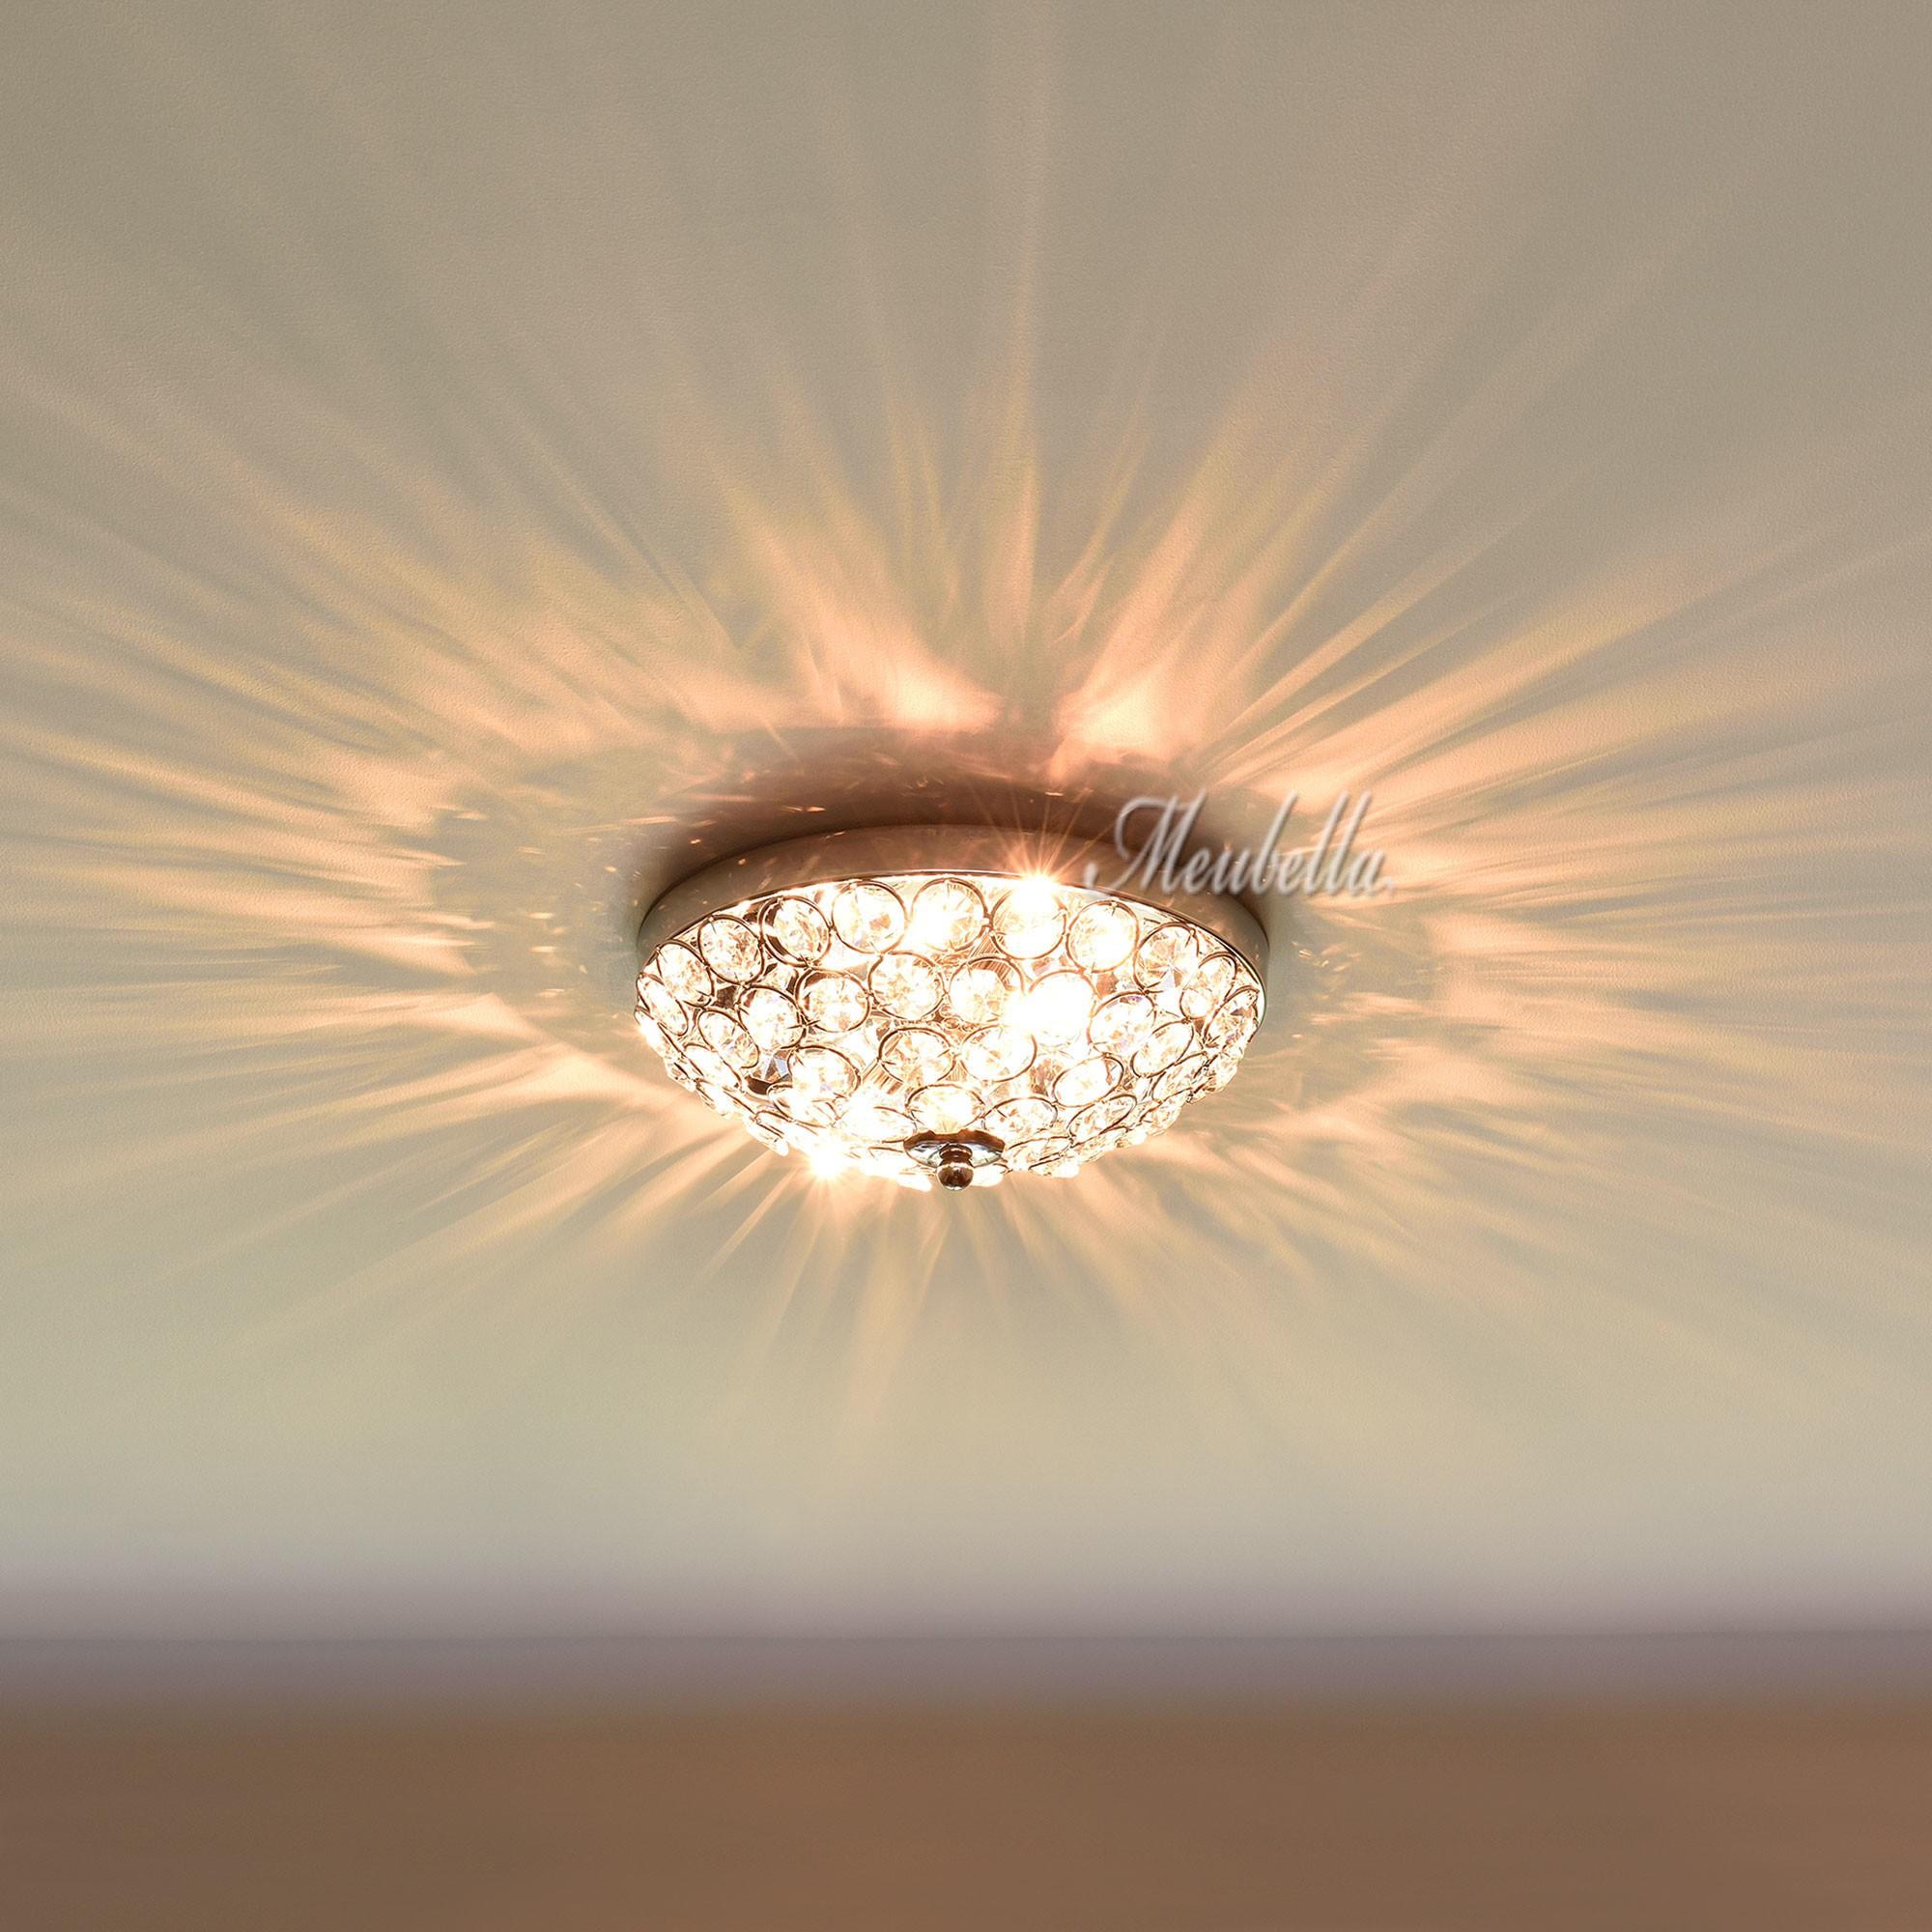 Plafondlampen - Binnenverlichting - Verlichting | Meubella